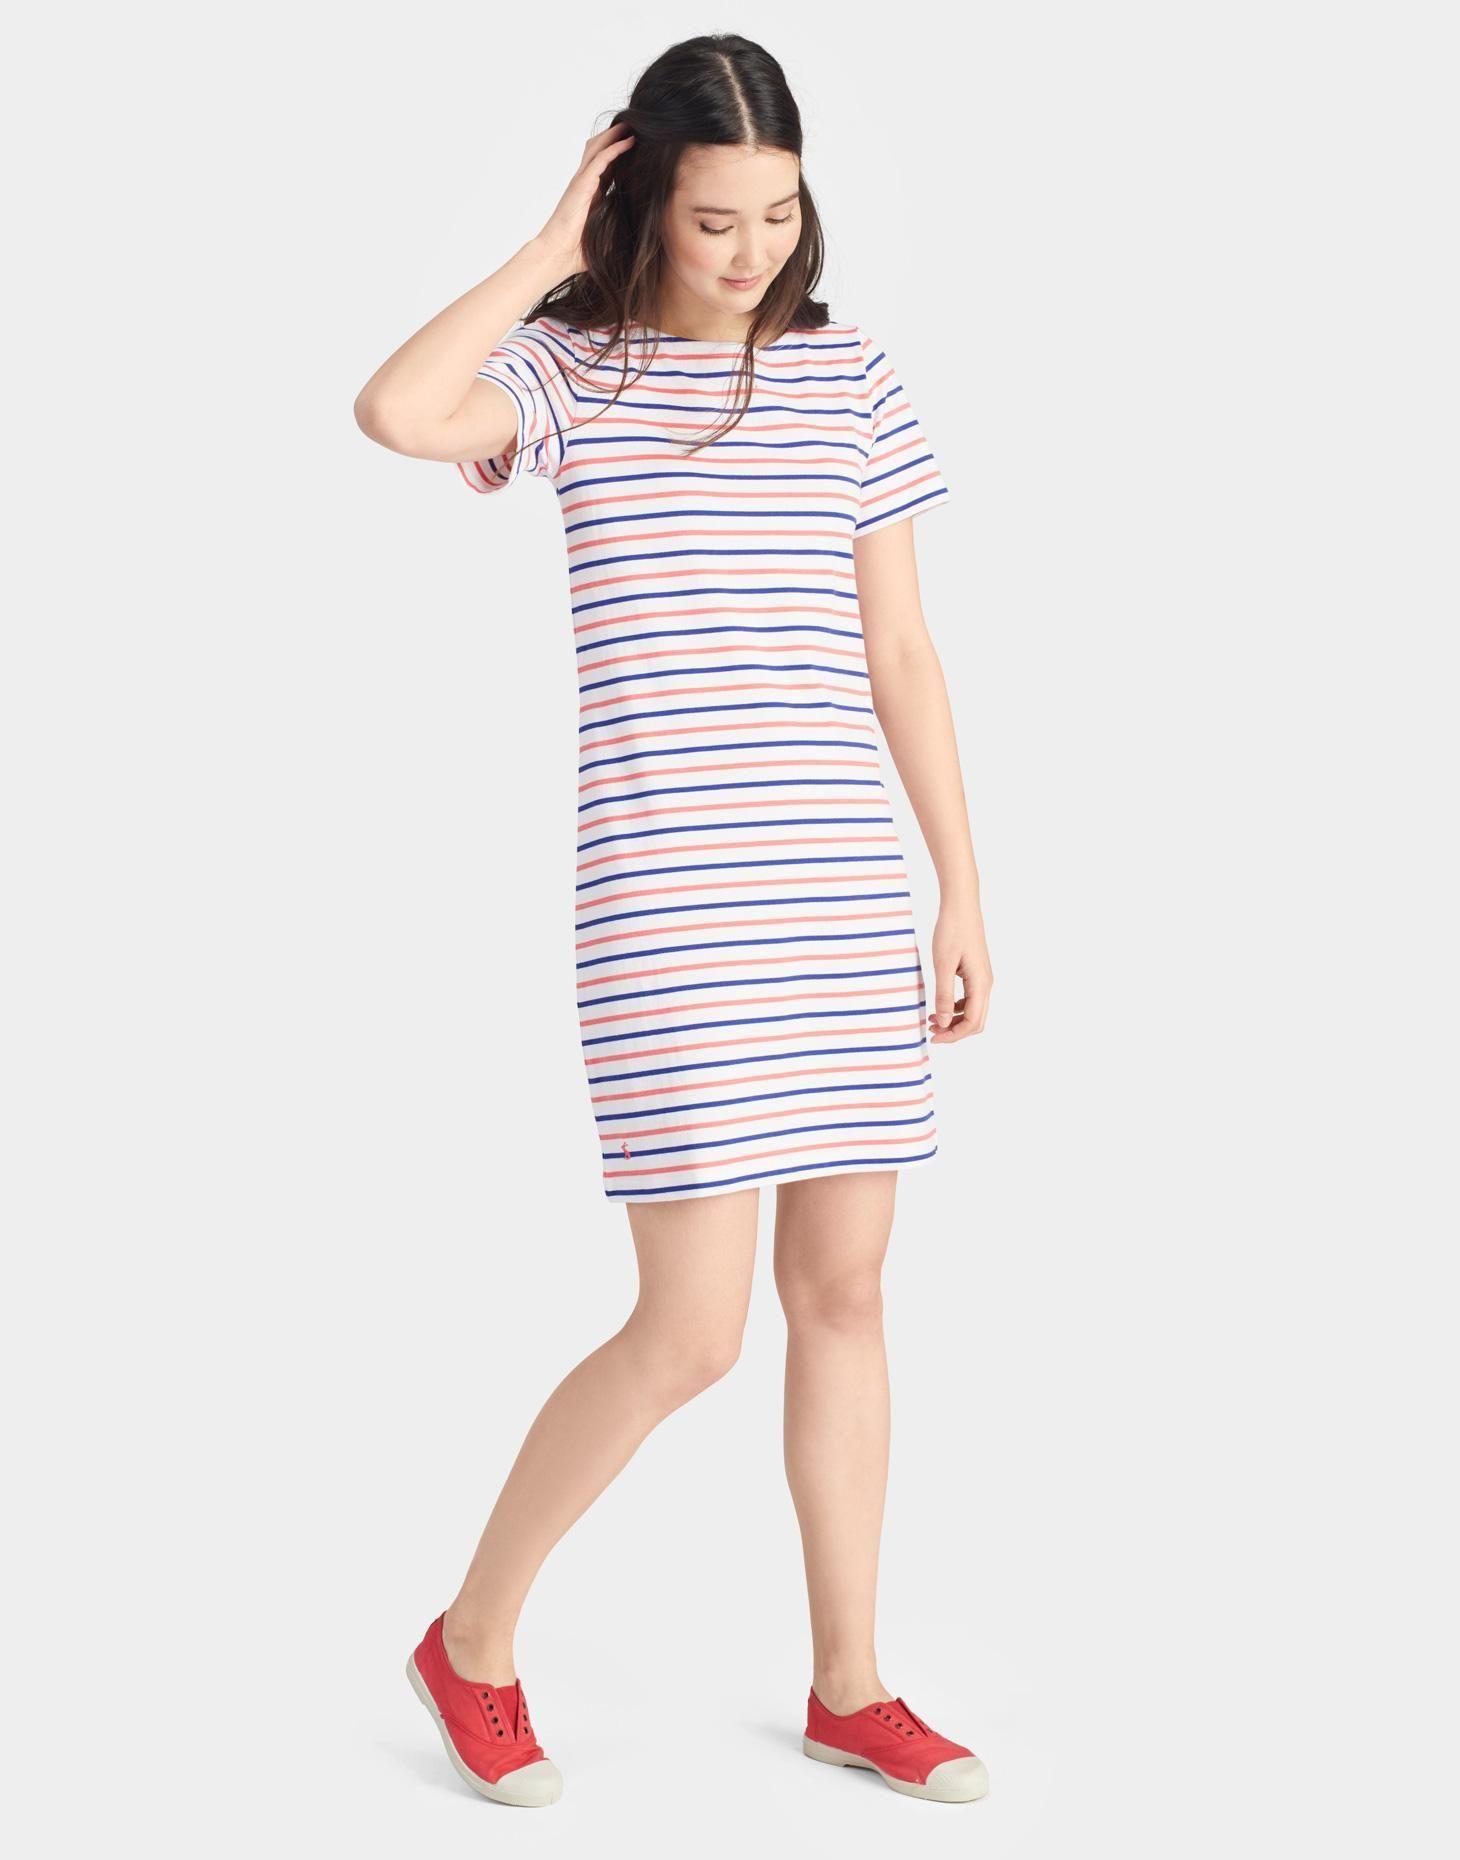 d103c8096641 Riviera Pink Blue Stripe Jersey T-Shirt Dress